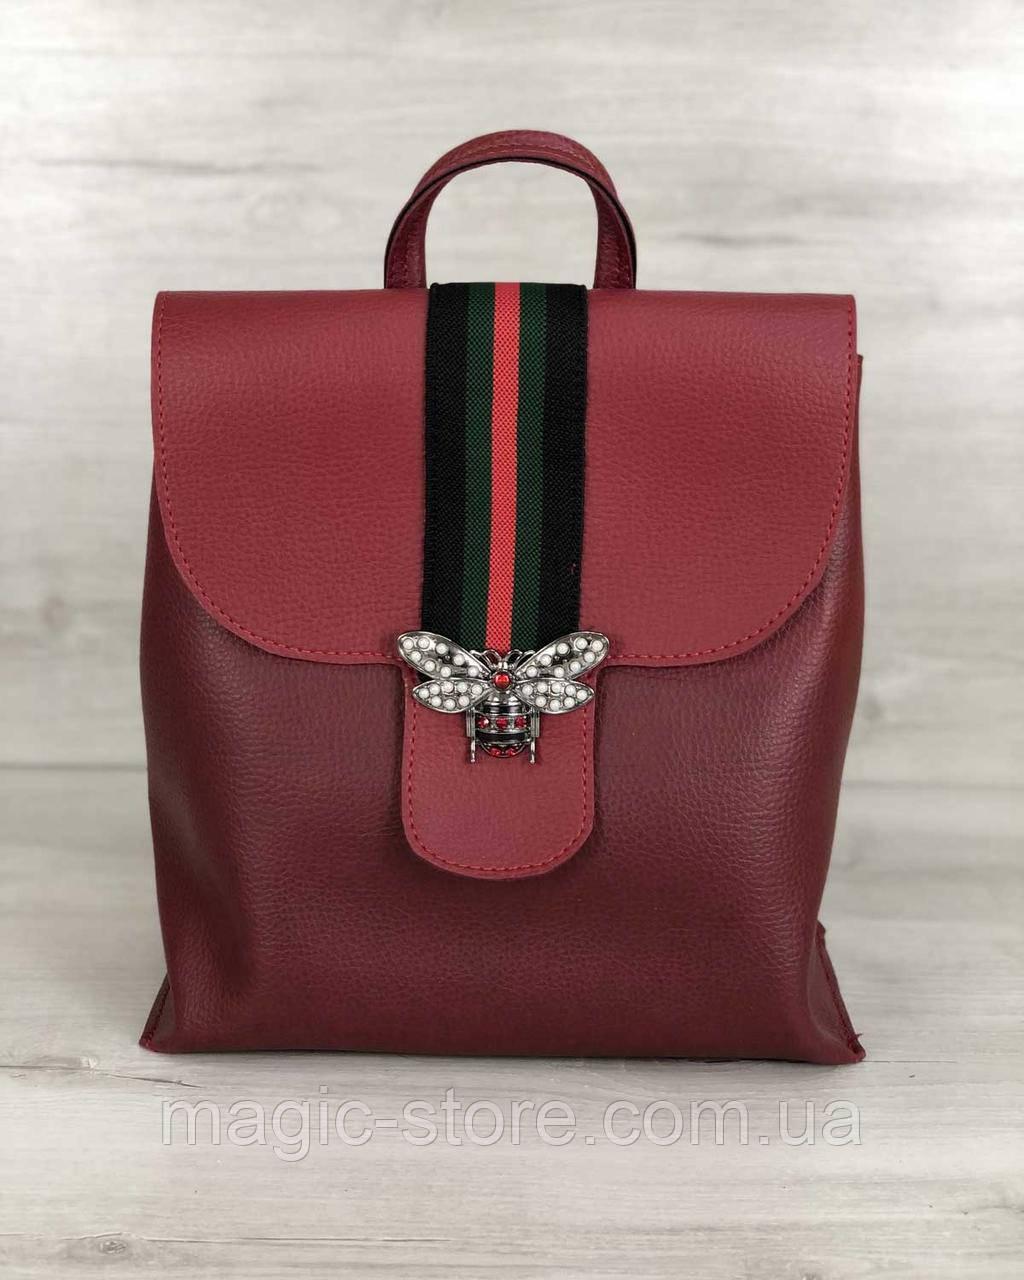 Рюкзак жіночий сумка червоного кольору (нікель)